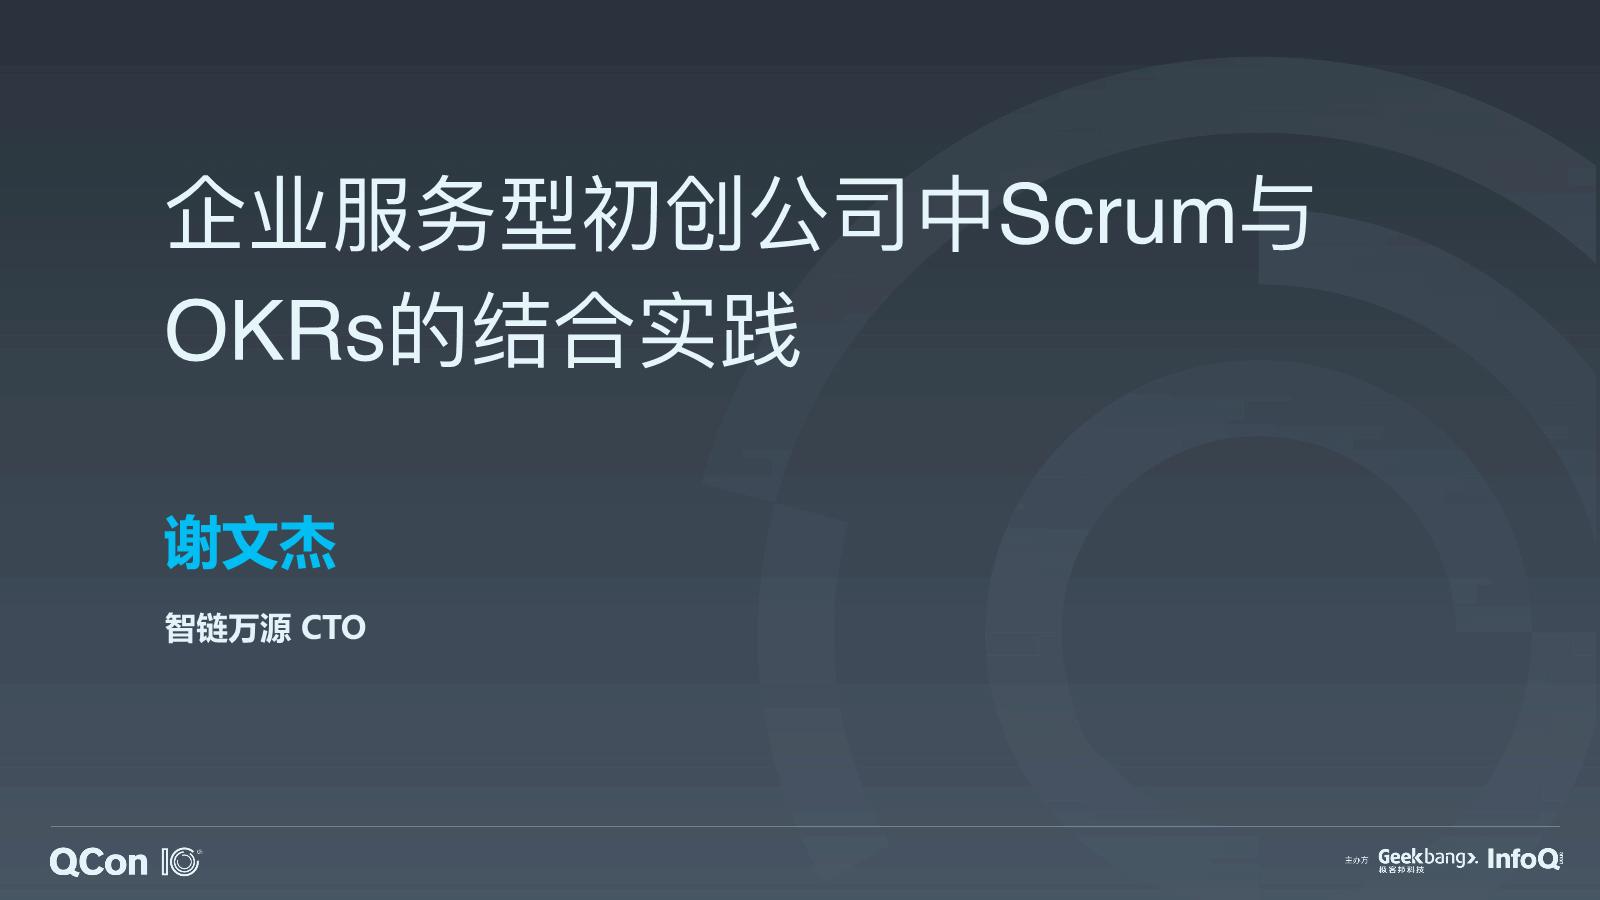 谢文杰-企业服务型初创公司中Scrum 应用实践及与OKRs的结合实践